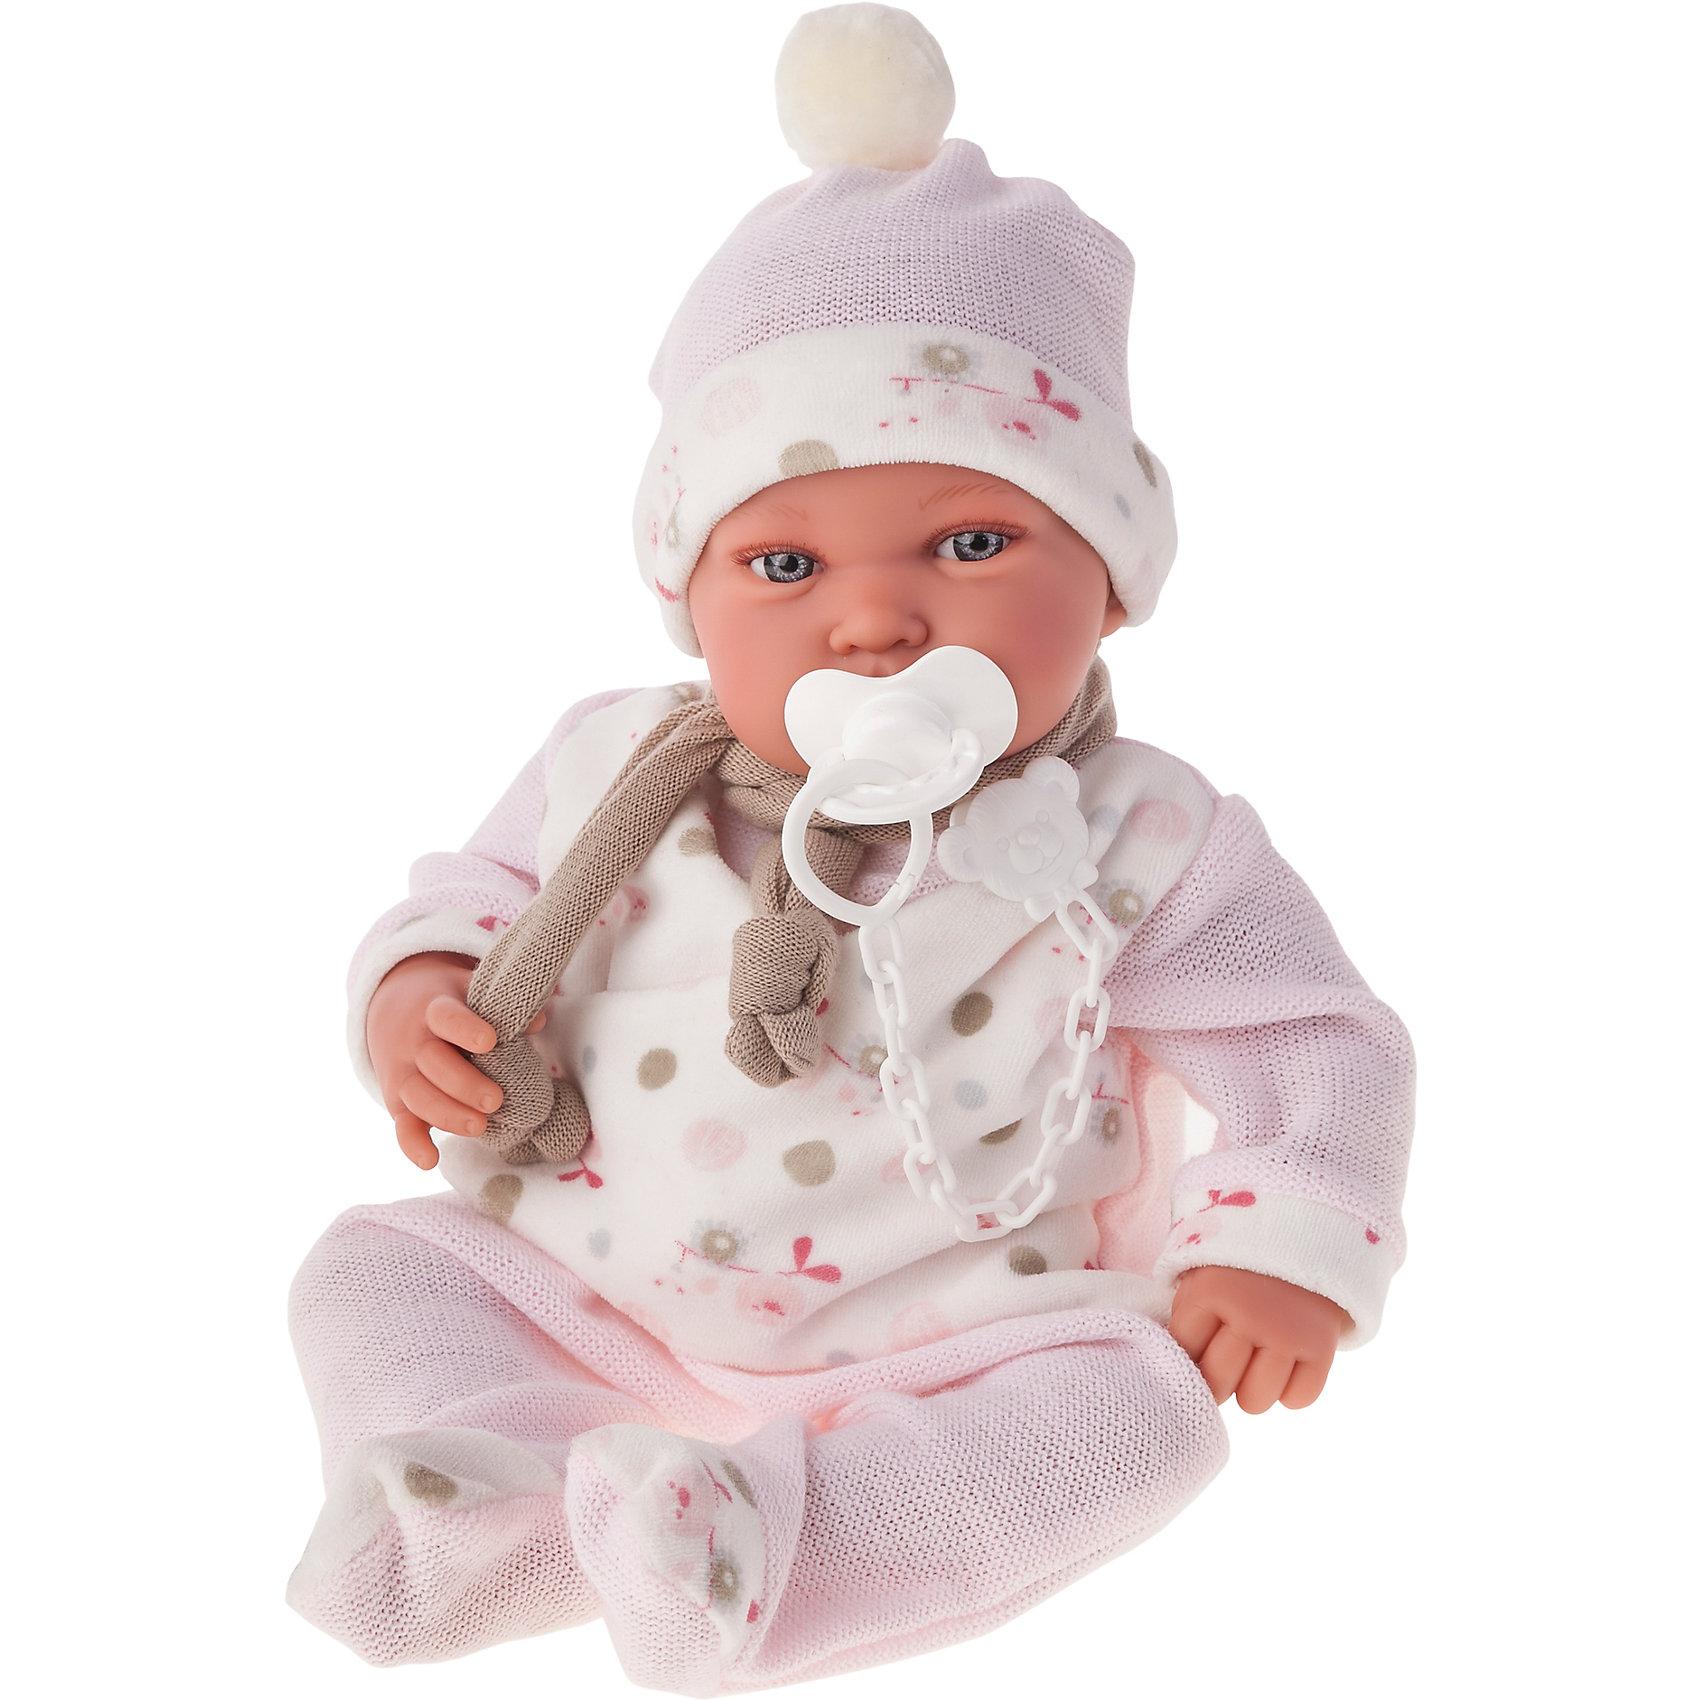 Кукла Камилла в розовом, 40 см, Munecas Antonio JuanКлассические куклы<br>Кукла Камилла в розовом 40 см, Munecas Antonio Juan (Мунекас от Антонио Хуан) ? это очаровательная малышка от всемирно известного испанского бренда Мунекас от Антонио Хуан, который знаменит своими реалистичными куклами. Кукла изготовлена из винила высшего качества, ее тело ? мягконабивное, ручки и ножки подвижны, глазки не закрываются. <br>Выразительный взгляд голубых глазах, нежные черты лица, розовые щечки, пухленькие губки и курносый носик. Камилла умеет смеяться, если ему нажать на животик, при последующих нажатиях пупс произносит слова «мама» и «папа».<br>Кукла Камилла в розовом, 40 см, Munecas Antonio Juan (Мунекас от Антонио Хуан) разработана с учетом анатомических особенностей и мимики младенцев. Играя с пупсом, ваш ребенок реалистично проживает роль «мамы», учится ухаживать за малышом, заботиться о нем.<br>В комплекте с куклой идет соска, если ее достать из ротика ? малыш начинает плакать. Малышка Камилла можно смело брать с собой на прогулку: у него теплый дизайнерский комплект одежды, шапочка и теплый шарфик. Весь комплект одежды и его продуманные детали направлены на то, чтобы способствовать формированию чувства стиля и вкуса в одежде у вашей девочки.<br>Куклы JUAN ANTONIO munecas (Мунекас от Антонио Хуан) ? мечта девочки любого возраста!<br><br>Дополнительная информация:<br><br>- Вид игр: сюжетно-ролевые игры <br>- Дополнительные функции: смеется, произносит «мама» и «папа»<br>- Комплектация: кукла, соска<br>- Материал: пластик, винил, текстиль<br>- Высота куклы: 40 см<br>- Вес: 3 кг 300 г<br>- Особенности ухода: одежда ? ручная стирка, саму куклу мыть не рекомендуется <br><br>Подробнее:<br><br>• Для детей в возрасте: от 3 лет и до 6 лет<br>• Страна производитель: Испания<br>• Торговый бренд: JUAN ANTONIO munecas <br><br>Куклу Камиллу в розовом, 40 см, Munecas Antonio Juan (Мунекас от Антонио Хуан) (Мунекас от Антонио Хуан) можно купить в нашем интернет-магазине.<br><br>Ширина мм: